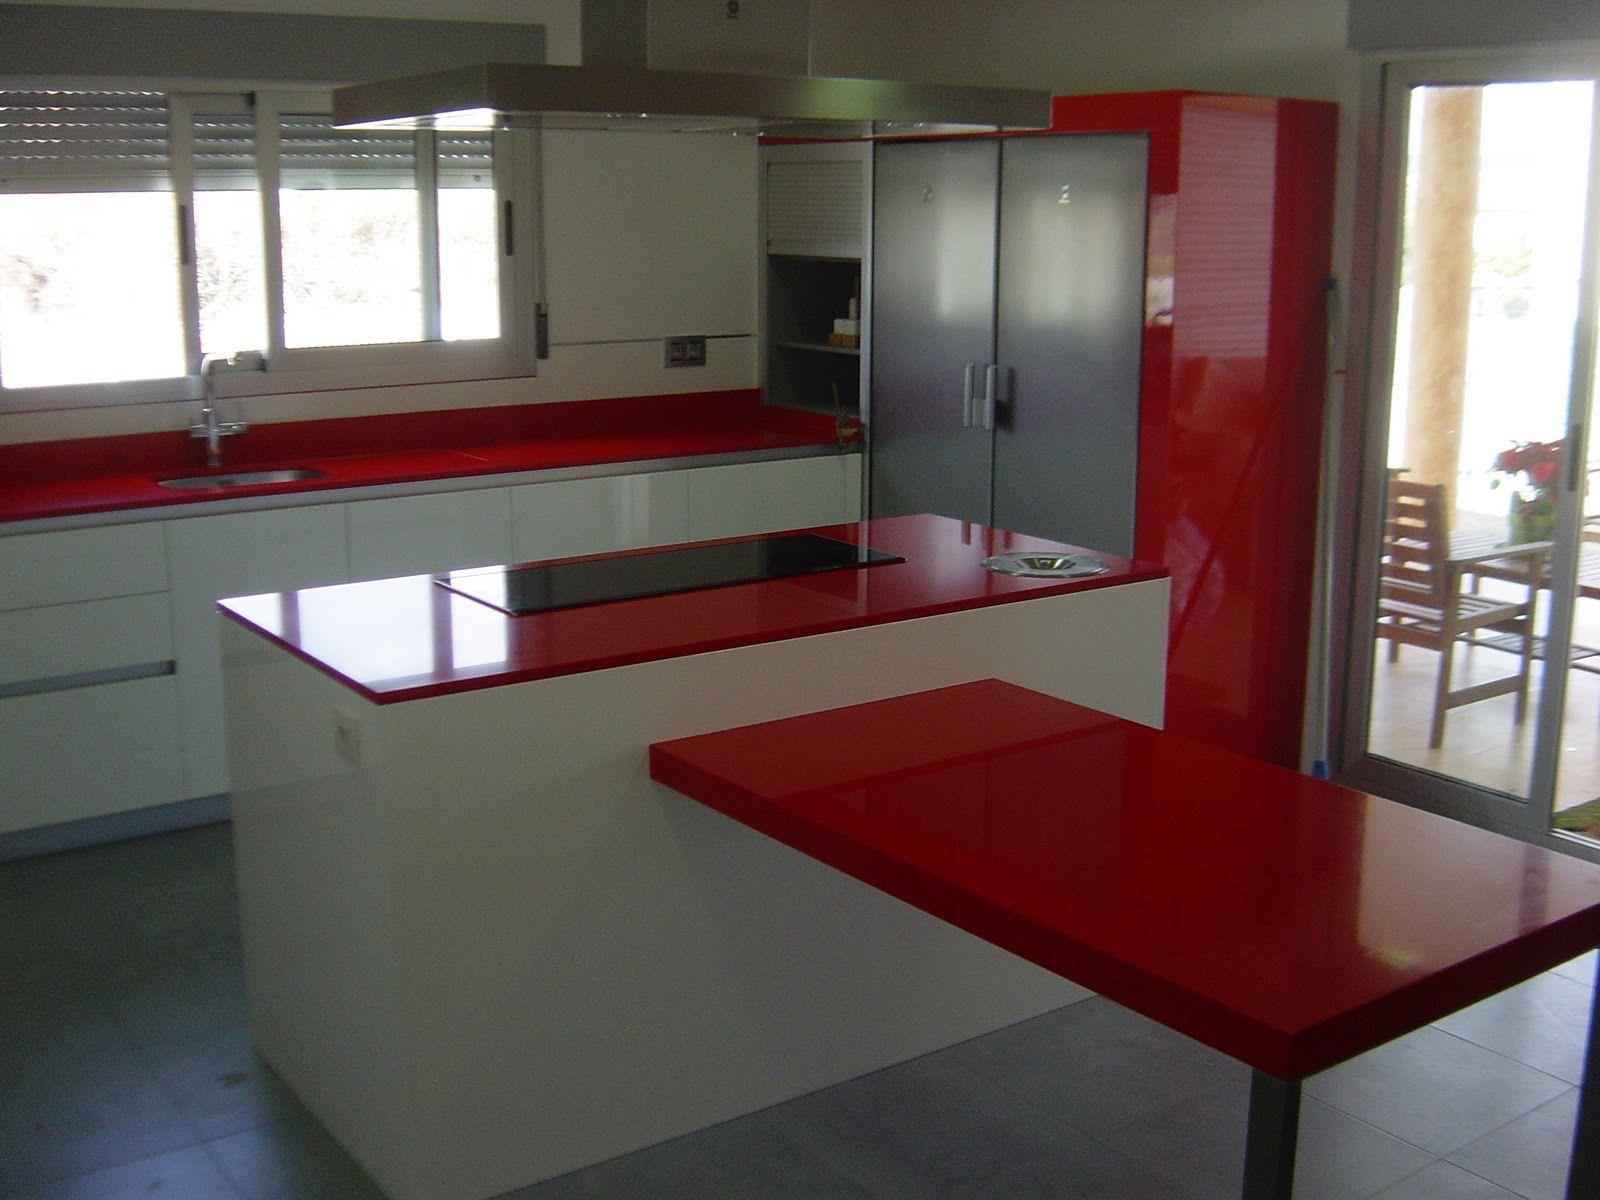 Mosaikstone marmolistas encimera de silestone rosso monza - Cocinas de silestone ...